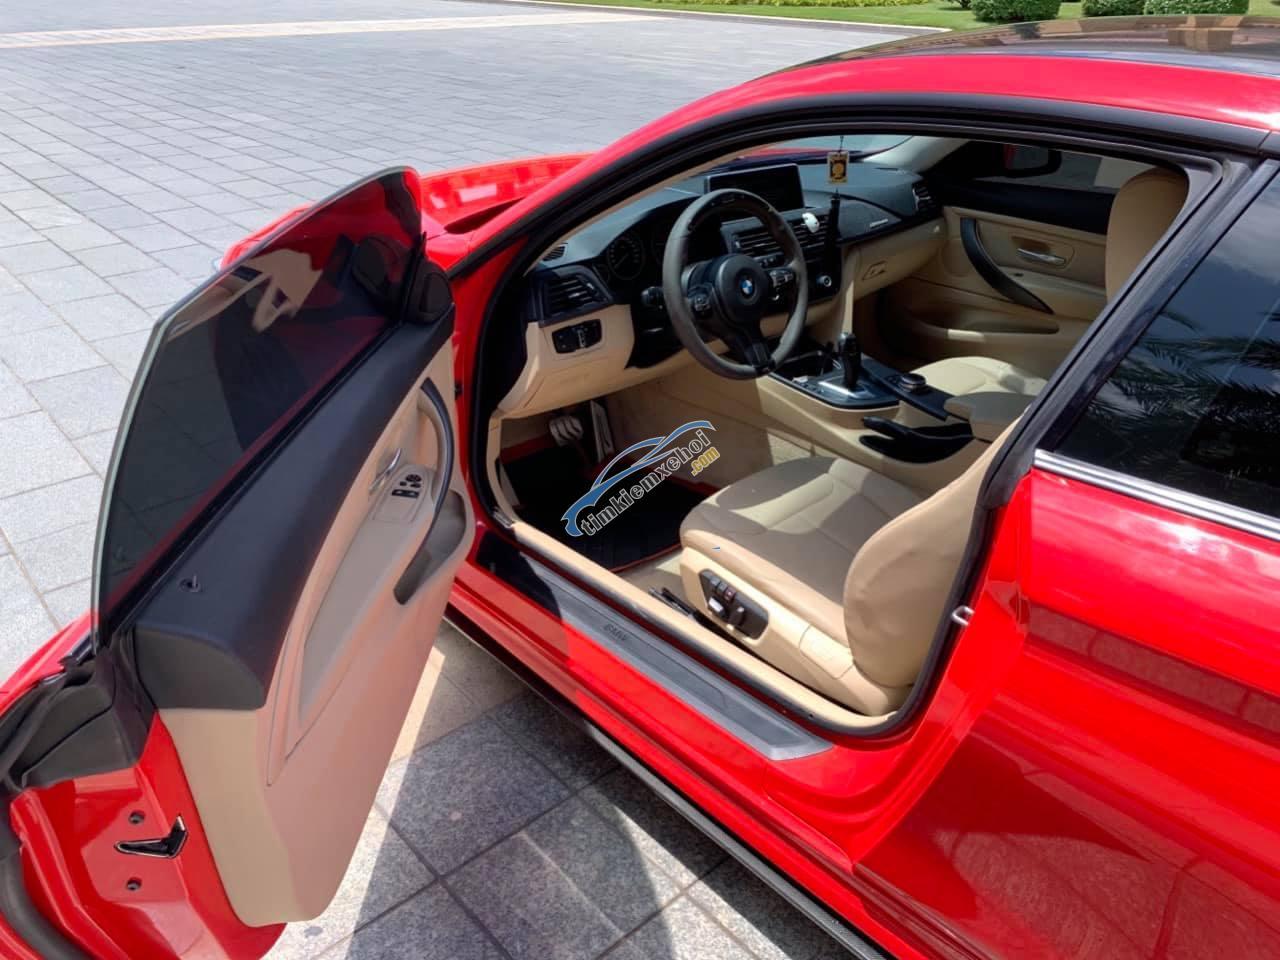 Bán xe BMW 428i màu đỏ/kem bản 2 cửa siêu đẹp. Trả trước 550 triệu nhận xe ngay